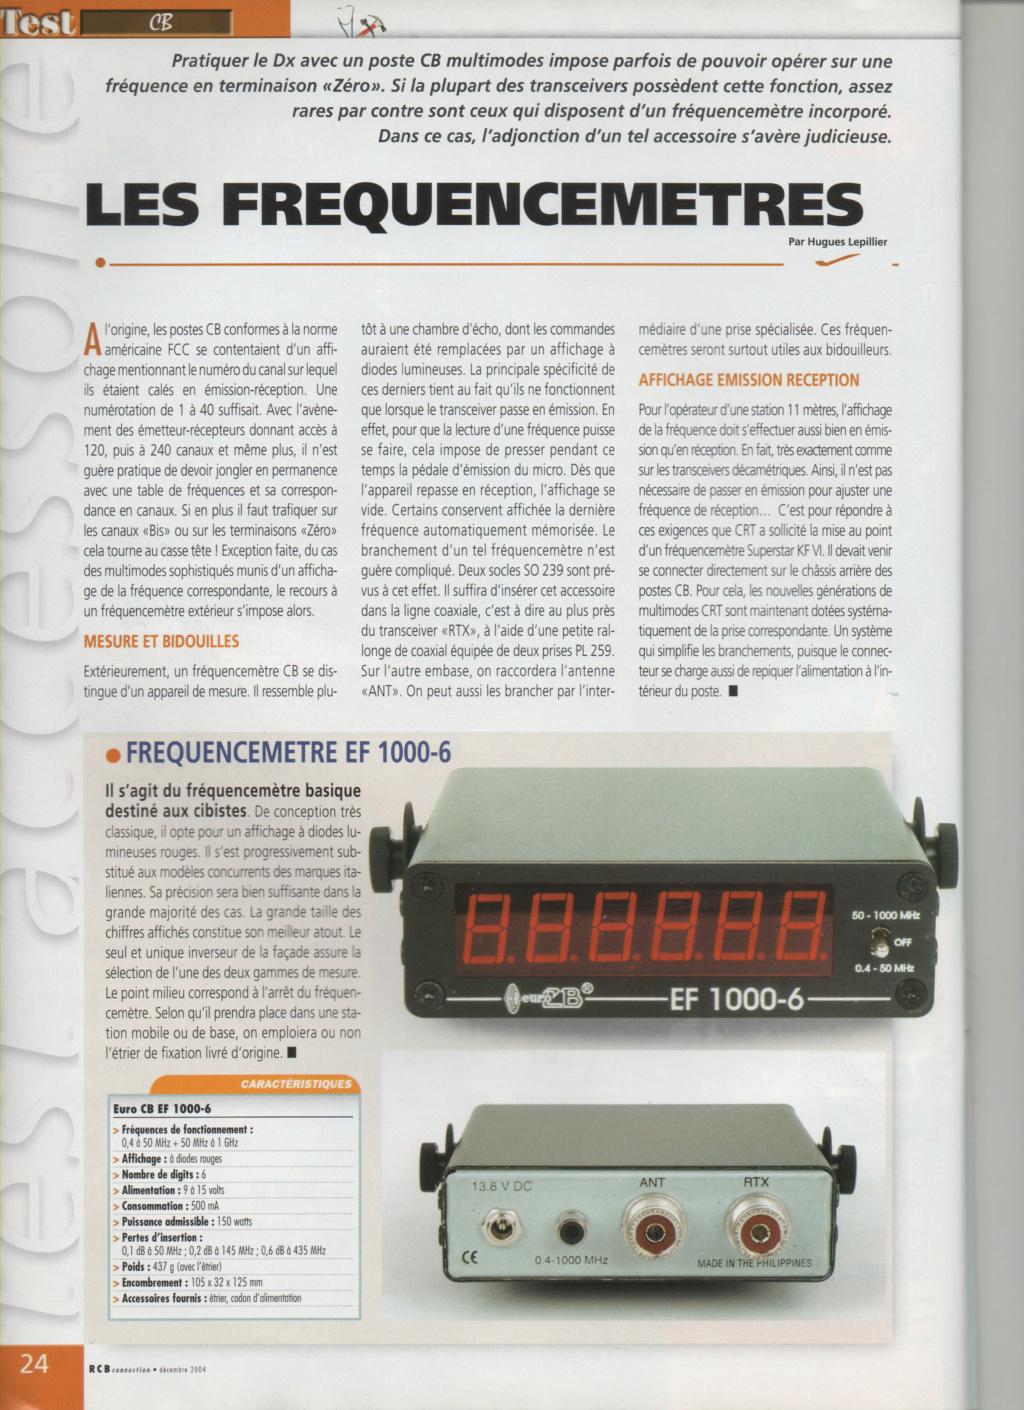 EF - EuroCB EF 1000-6 (Fréquencemètre) Scanim10